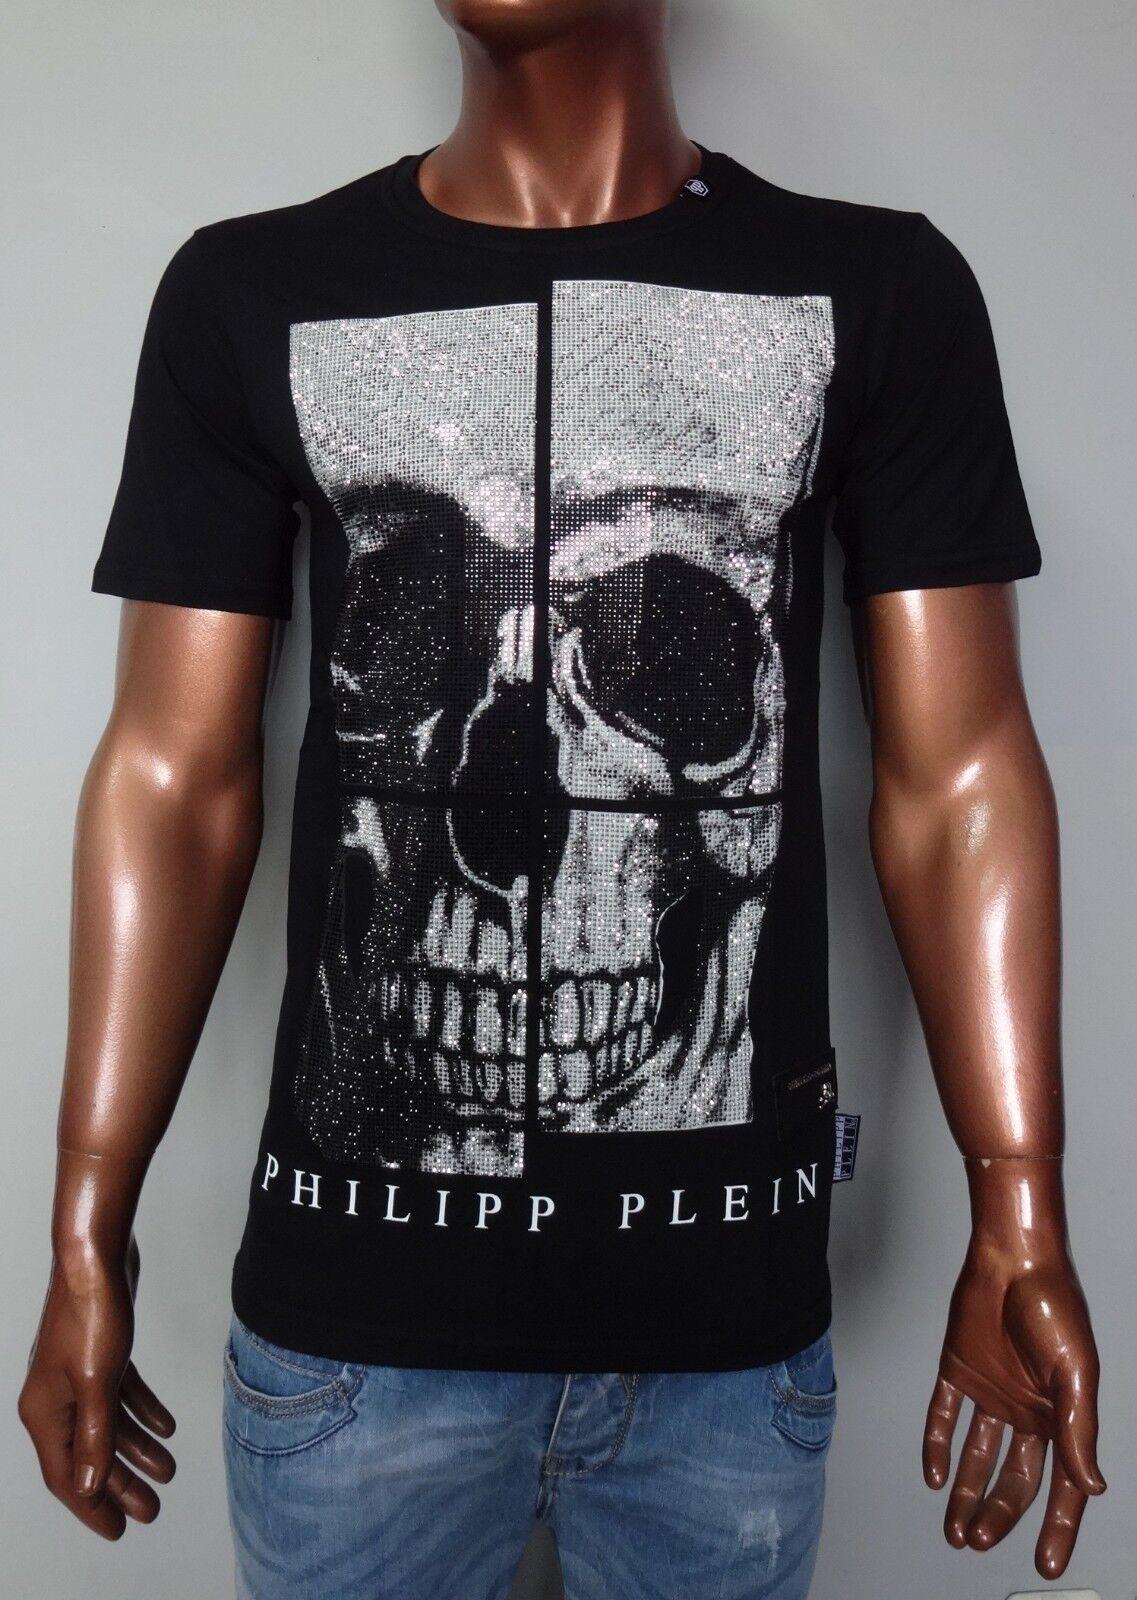 NEU PHILIPP PLEIN T-shirt SS   All of me  Gr. S - XL  SLIM FIT    %%% rot.       eine breite Palette von Produkten